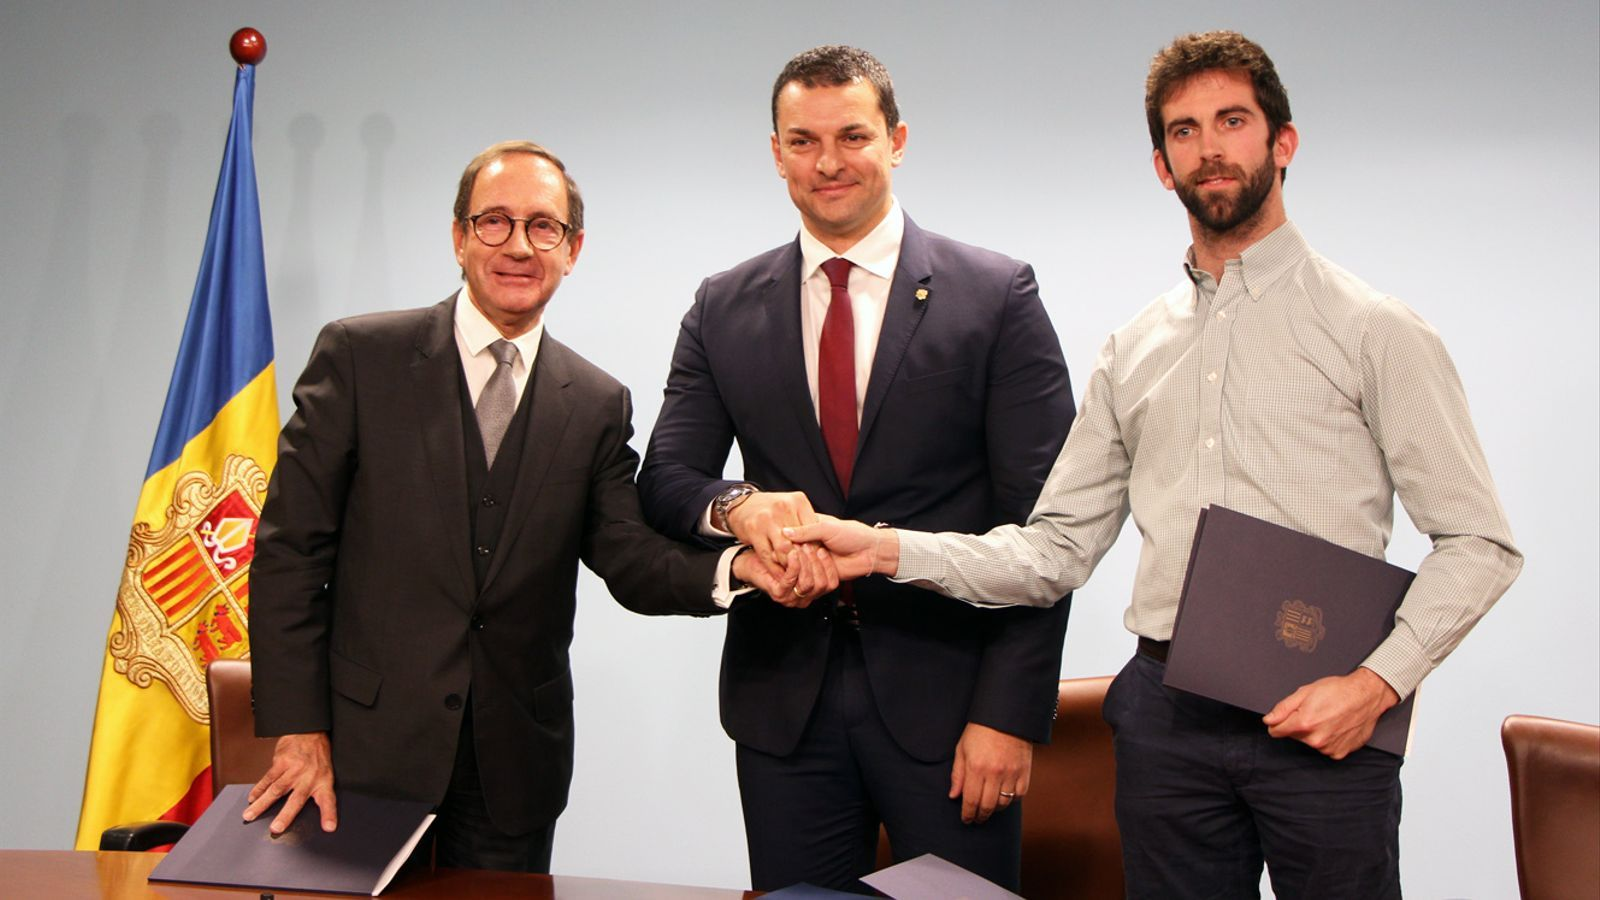 D'esquerra a dreta: el representant d'Alta Riba Distribució, Josep Manzano; el ministre de Presidència, Economia i Empresa, Jordi Gallardo, i el representant d'Ilunion Bugaderia Industrial, Francesc Millaret, després de la signatura del conveni. / M. P. (ANA)